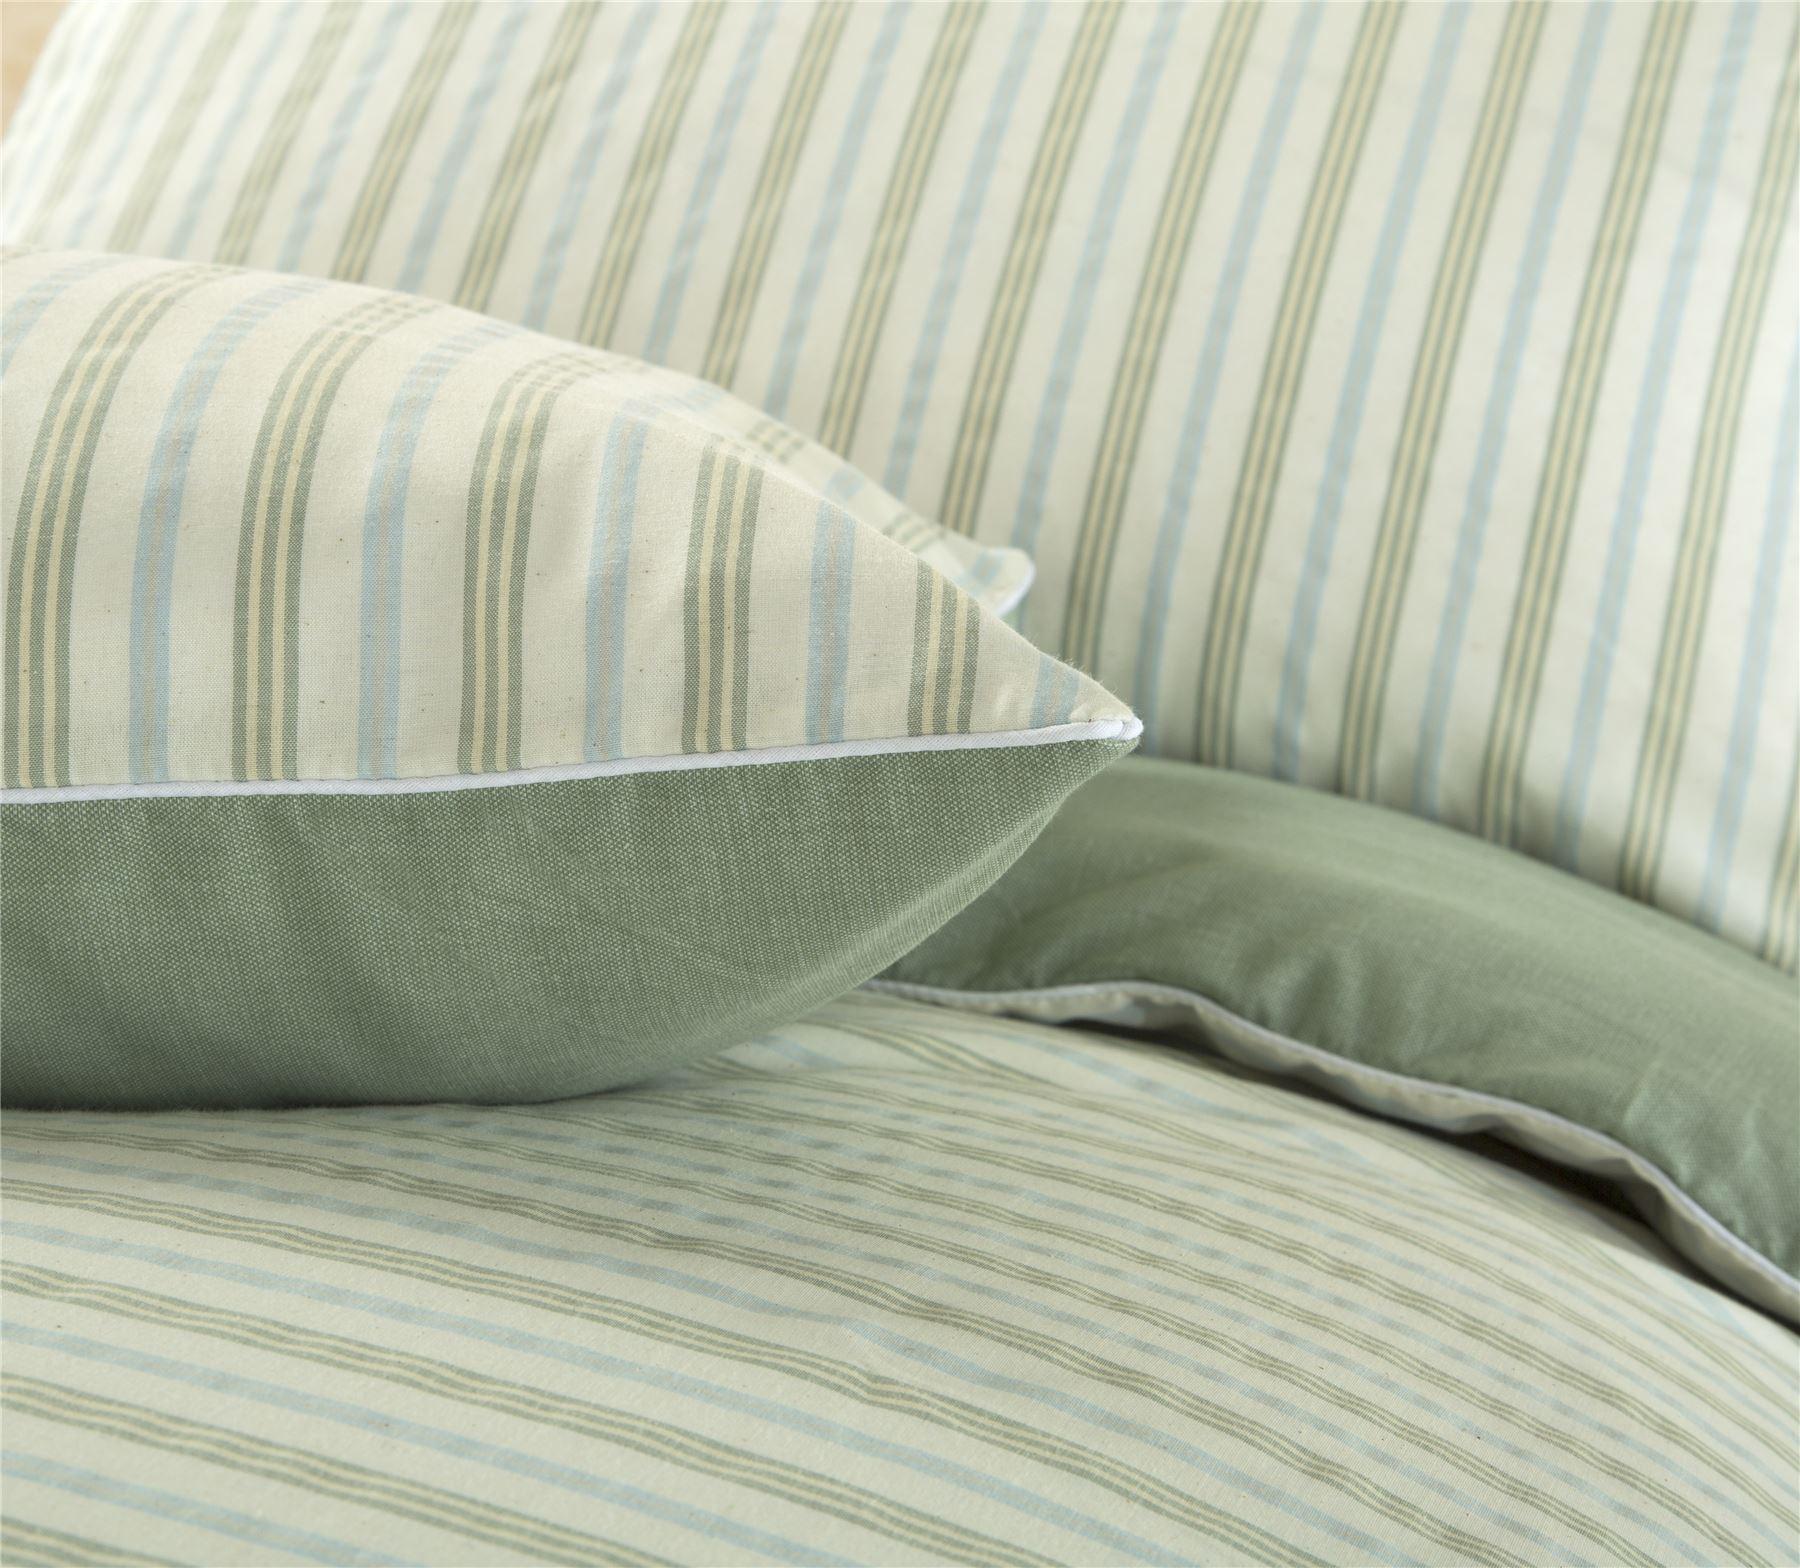 P14 Woven Striped T144 Cotton Blend Quilt Duvet Cover Single Double Super King